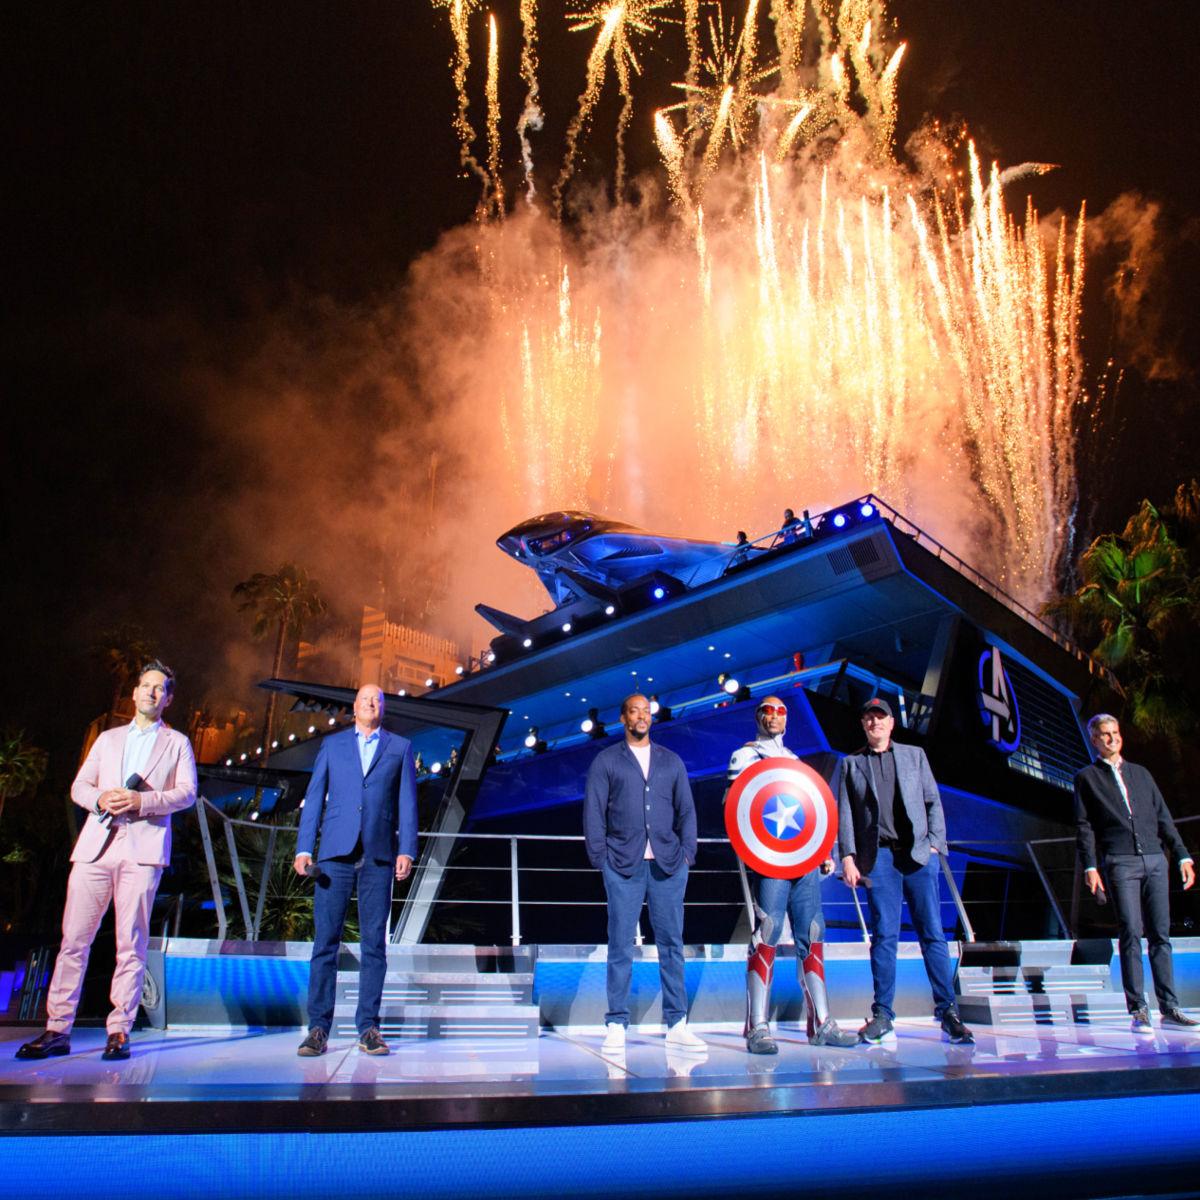 Noche de inauguración de Avengers Campus